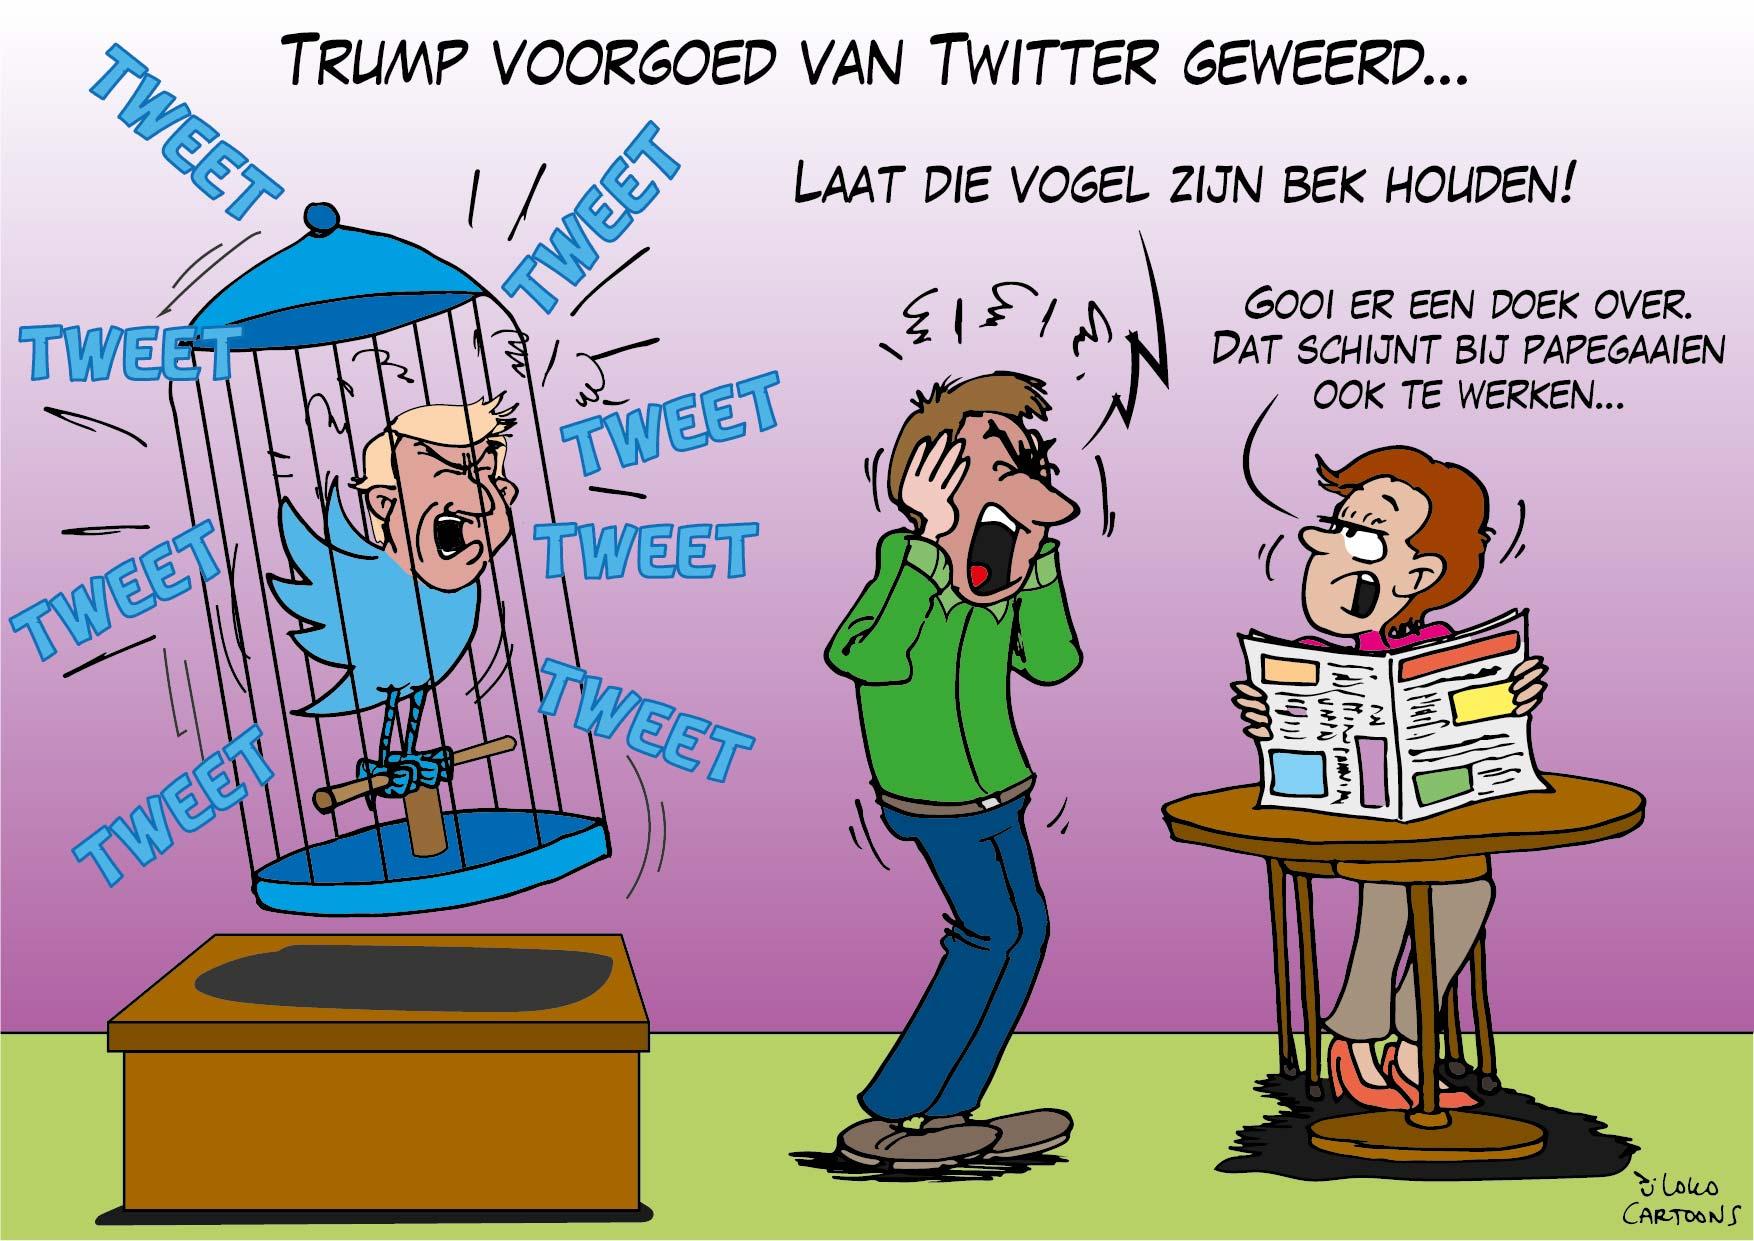 Trump voorgoed van Twitter geweerd…